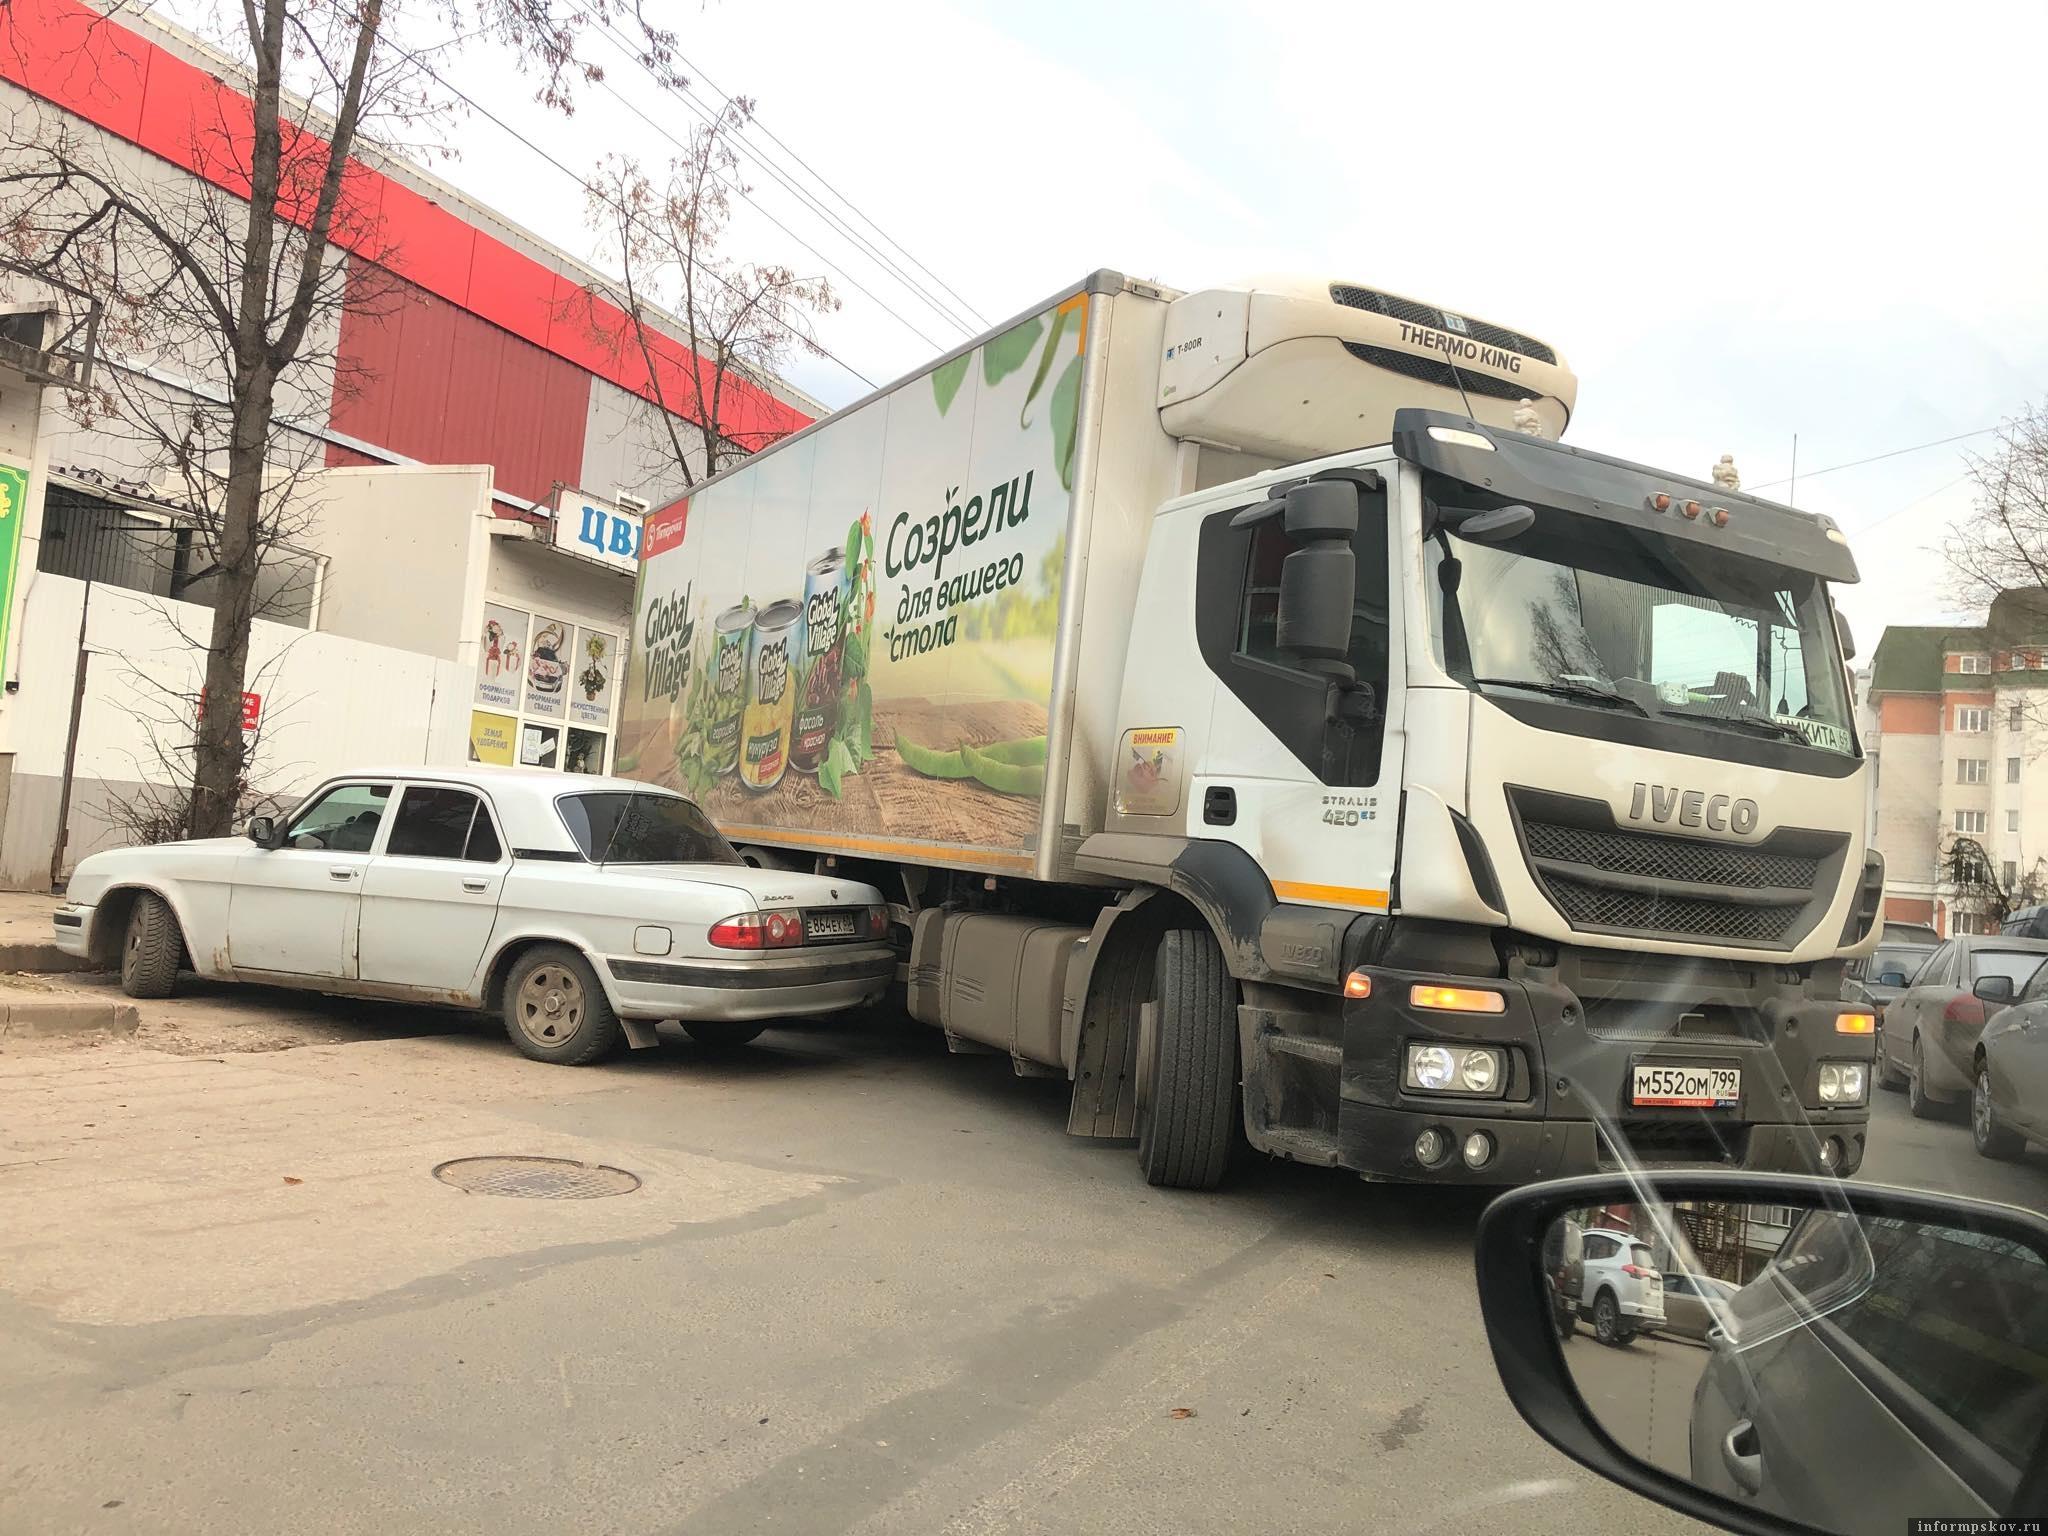 На улице Конной в Пскове 25 ноября произошло ДТП. Фото: Псковское агентство информации.